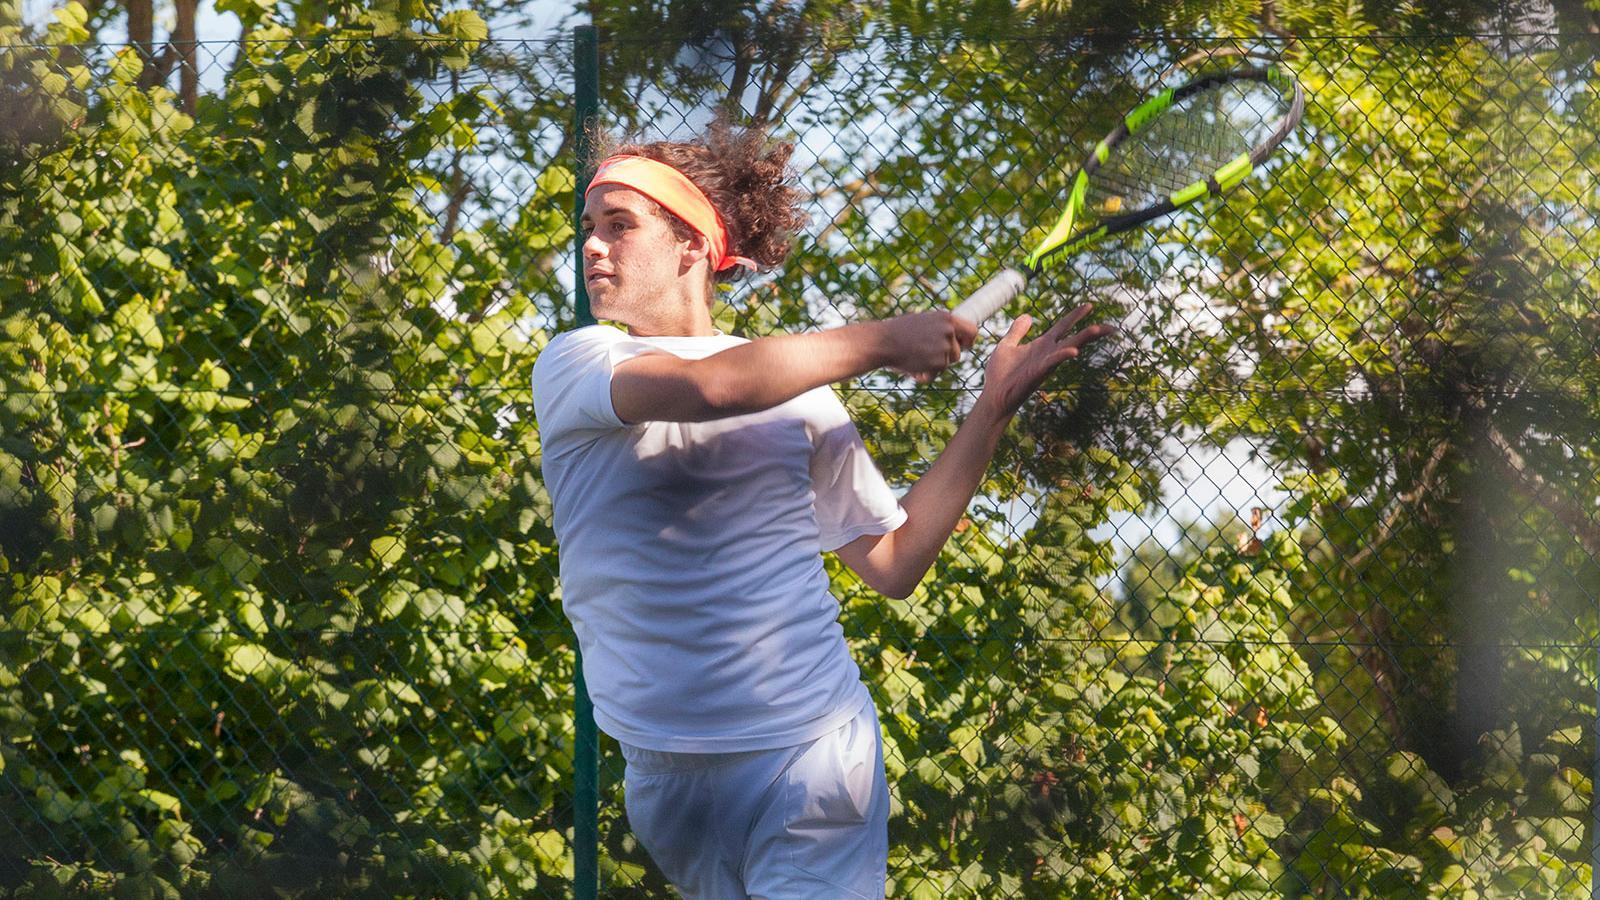 Bedales tennis